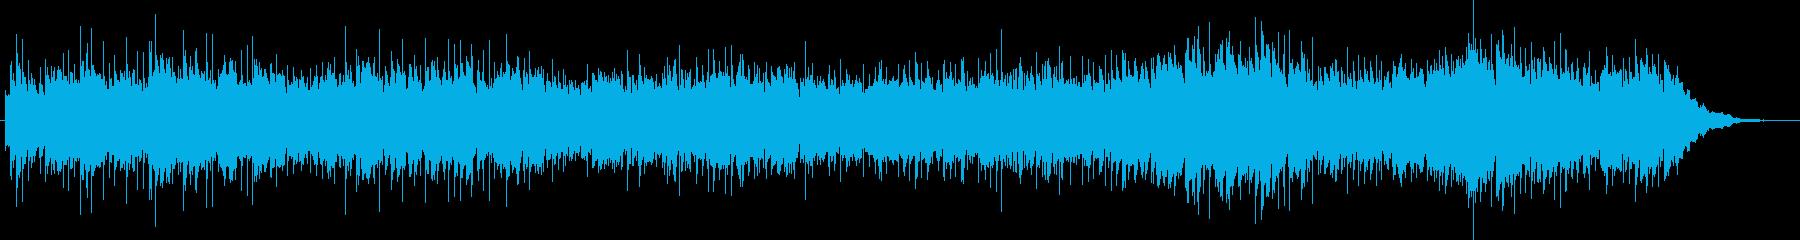 メルヘンの世界のかわいいジングルの再生済みの波形